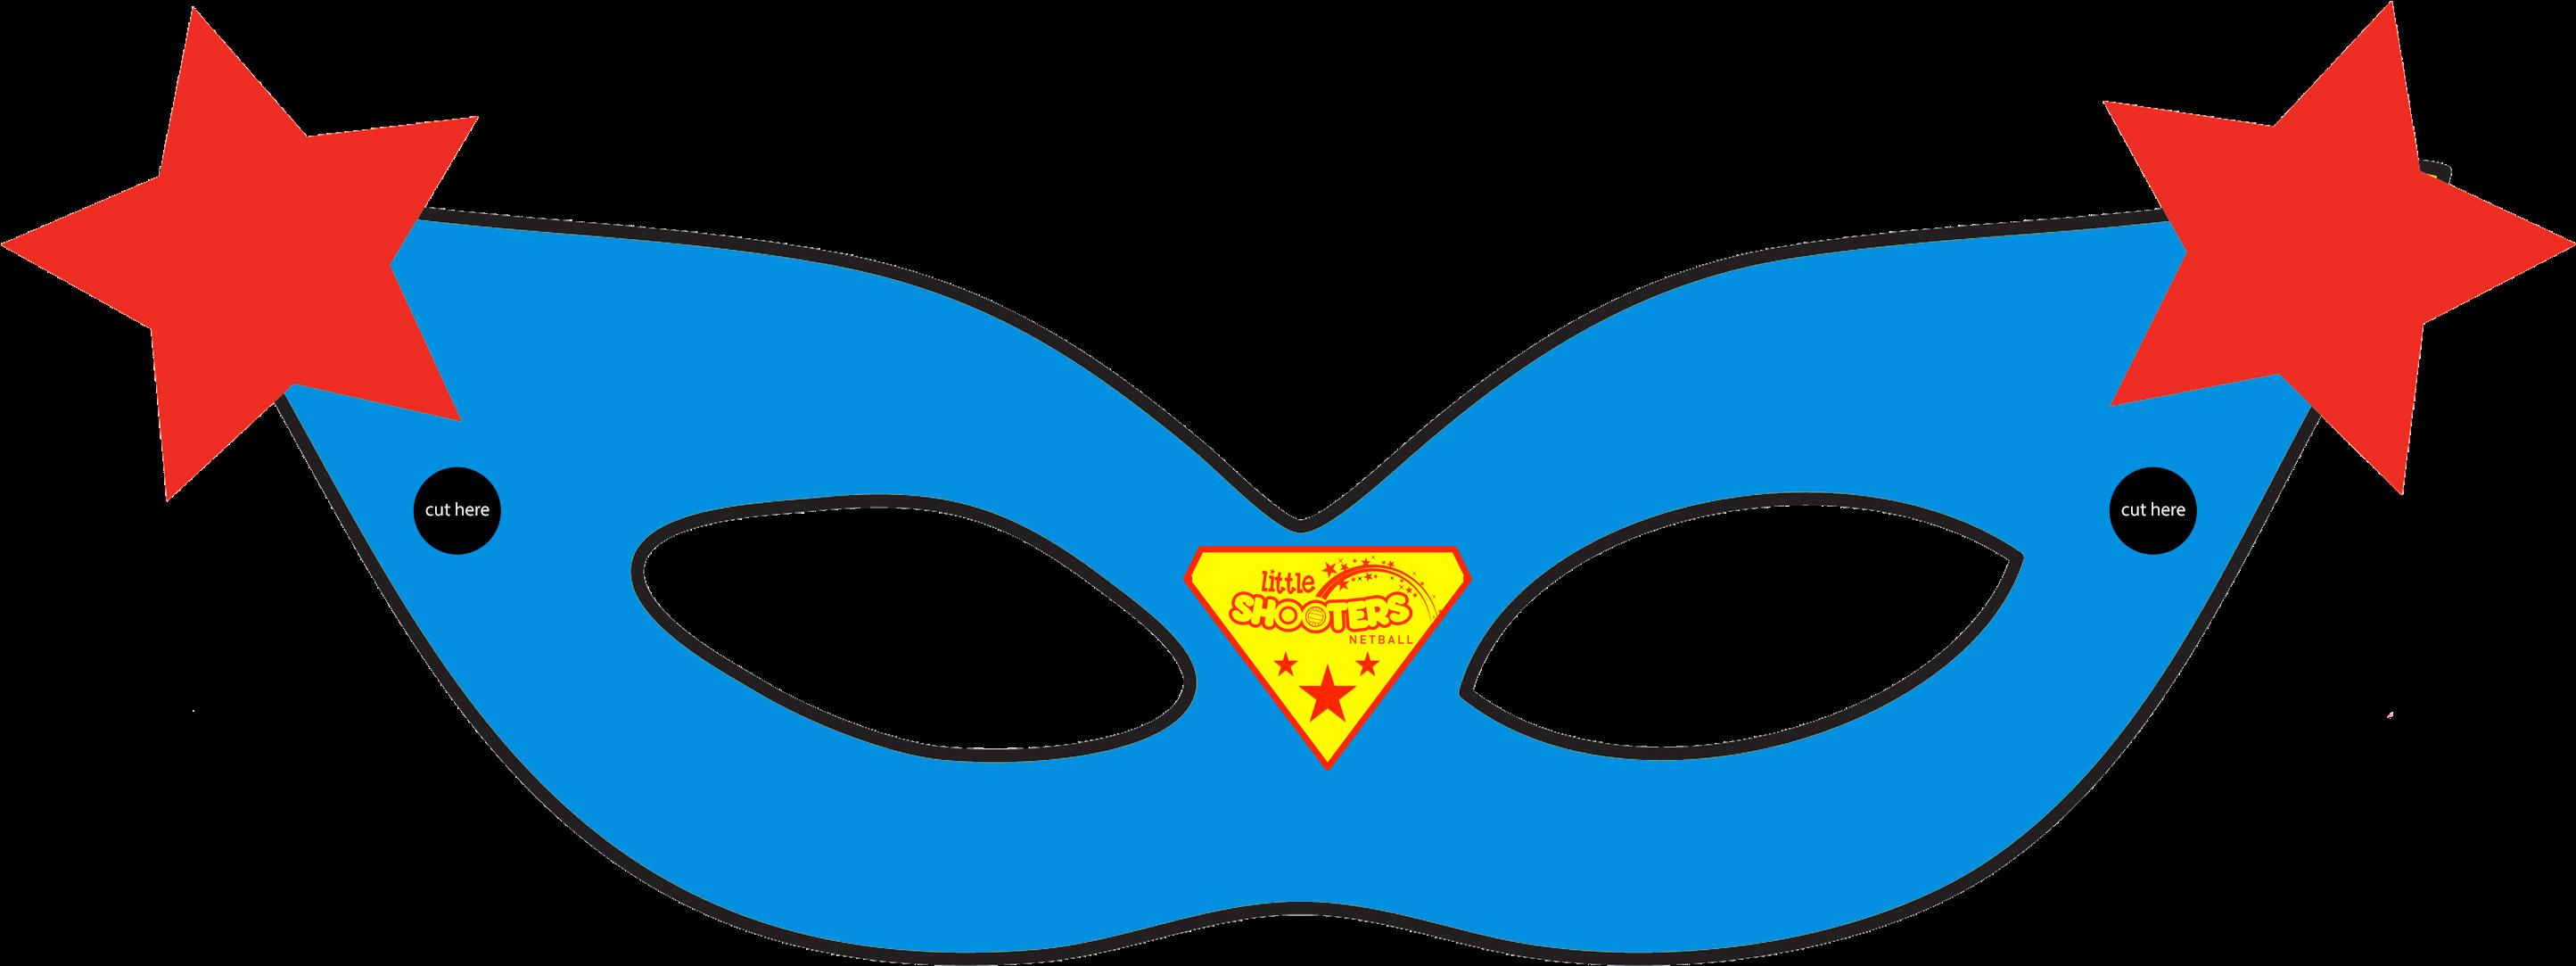 picture regarding Superhero Masks Printable titled Obtain High definition Superhero Masks Png - Supergirl Mask Printable